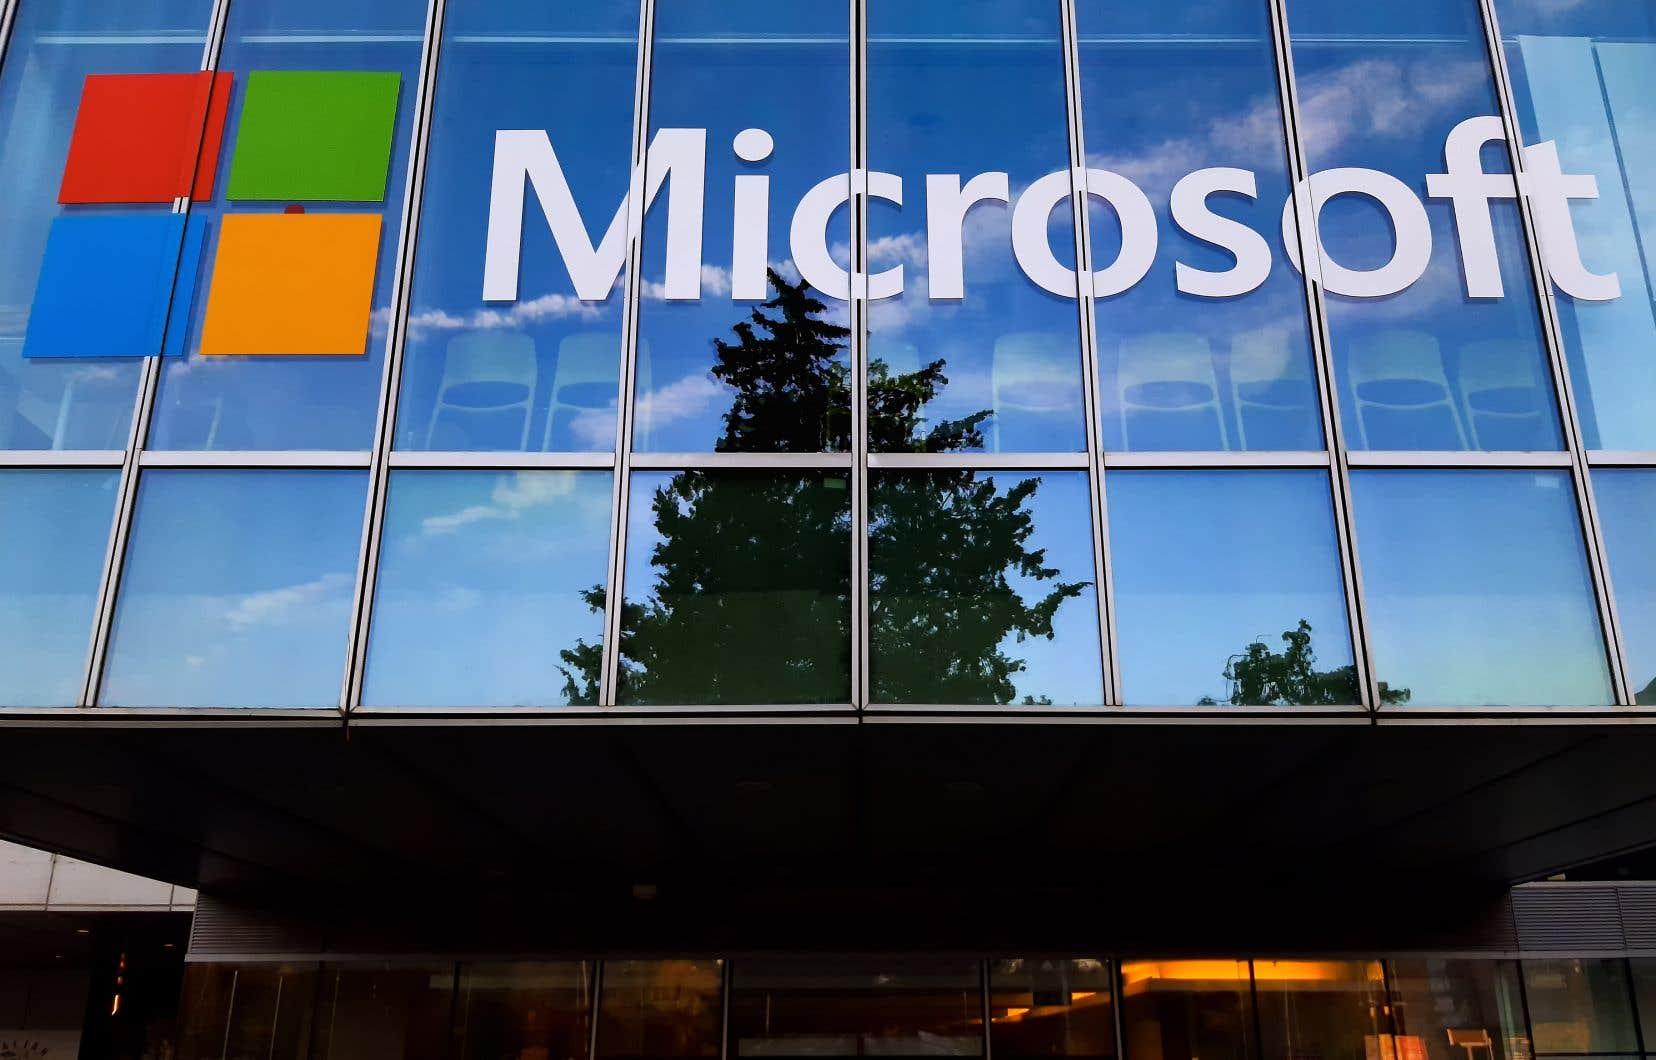 Cet engagement doit conduire à l'annulation en 2050 de tout le carbone émis par Microsoft depuis sa fondation en 1975, a assuré le géant informatique.